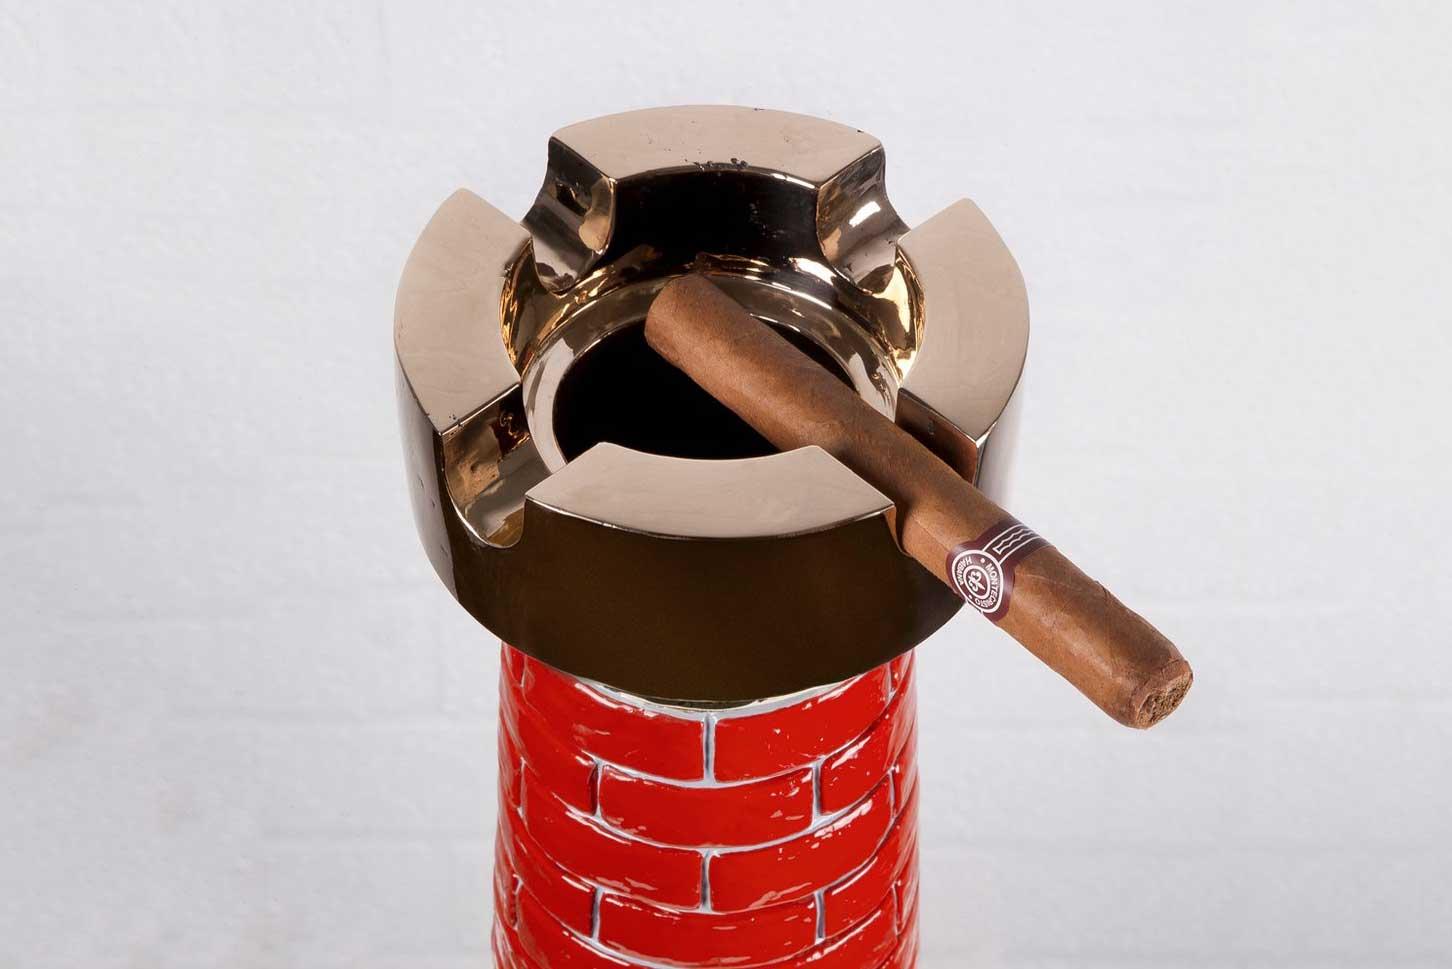 Studio-Job-Chimney-ashtray